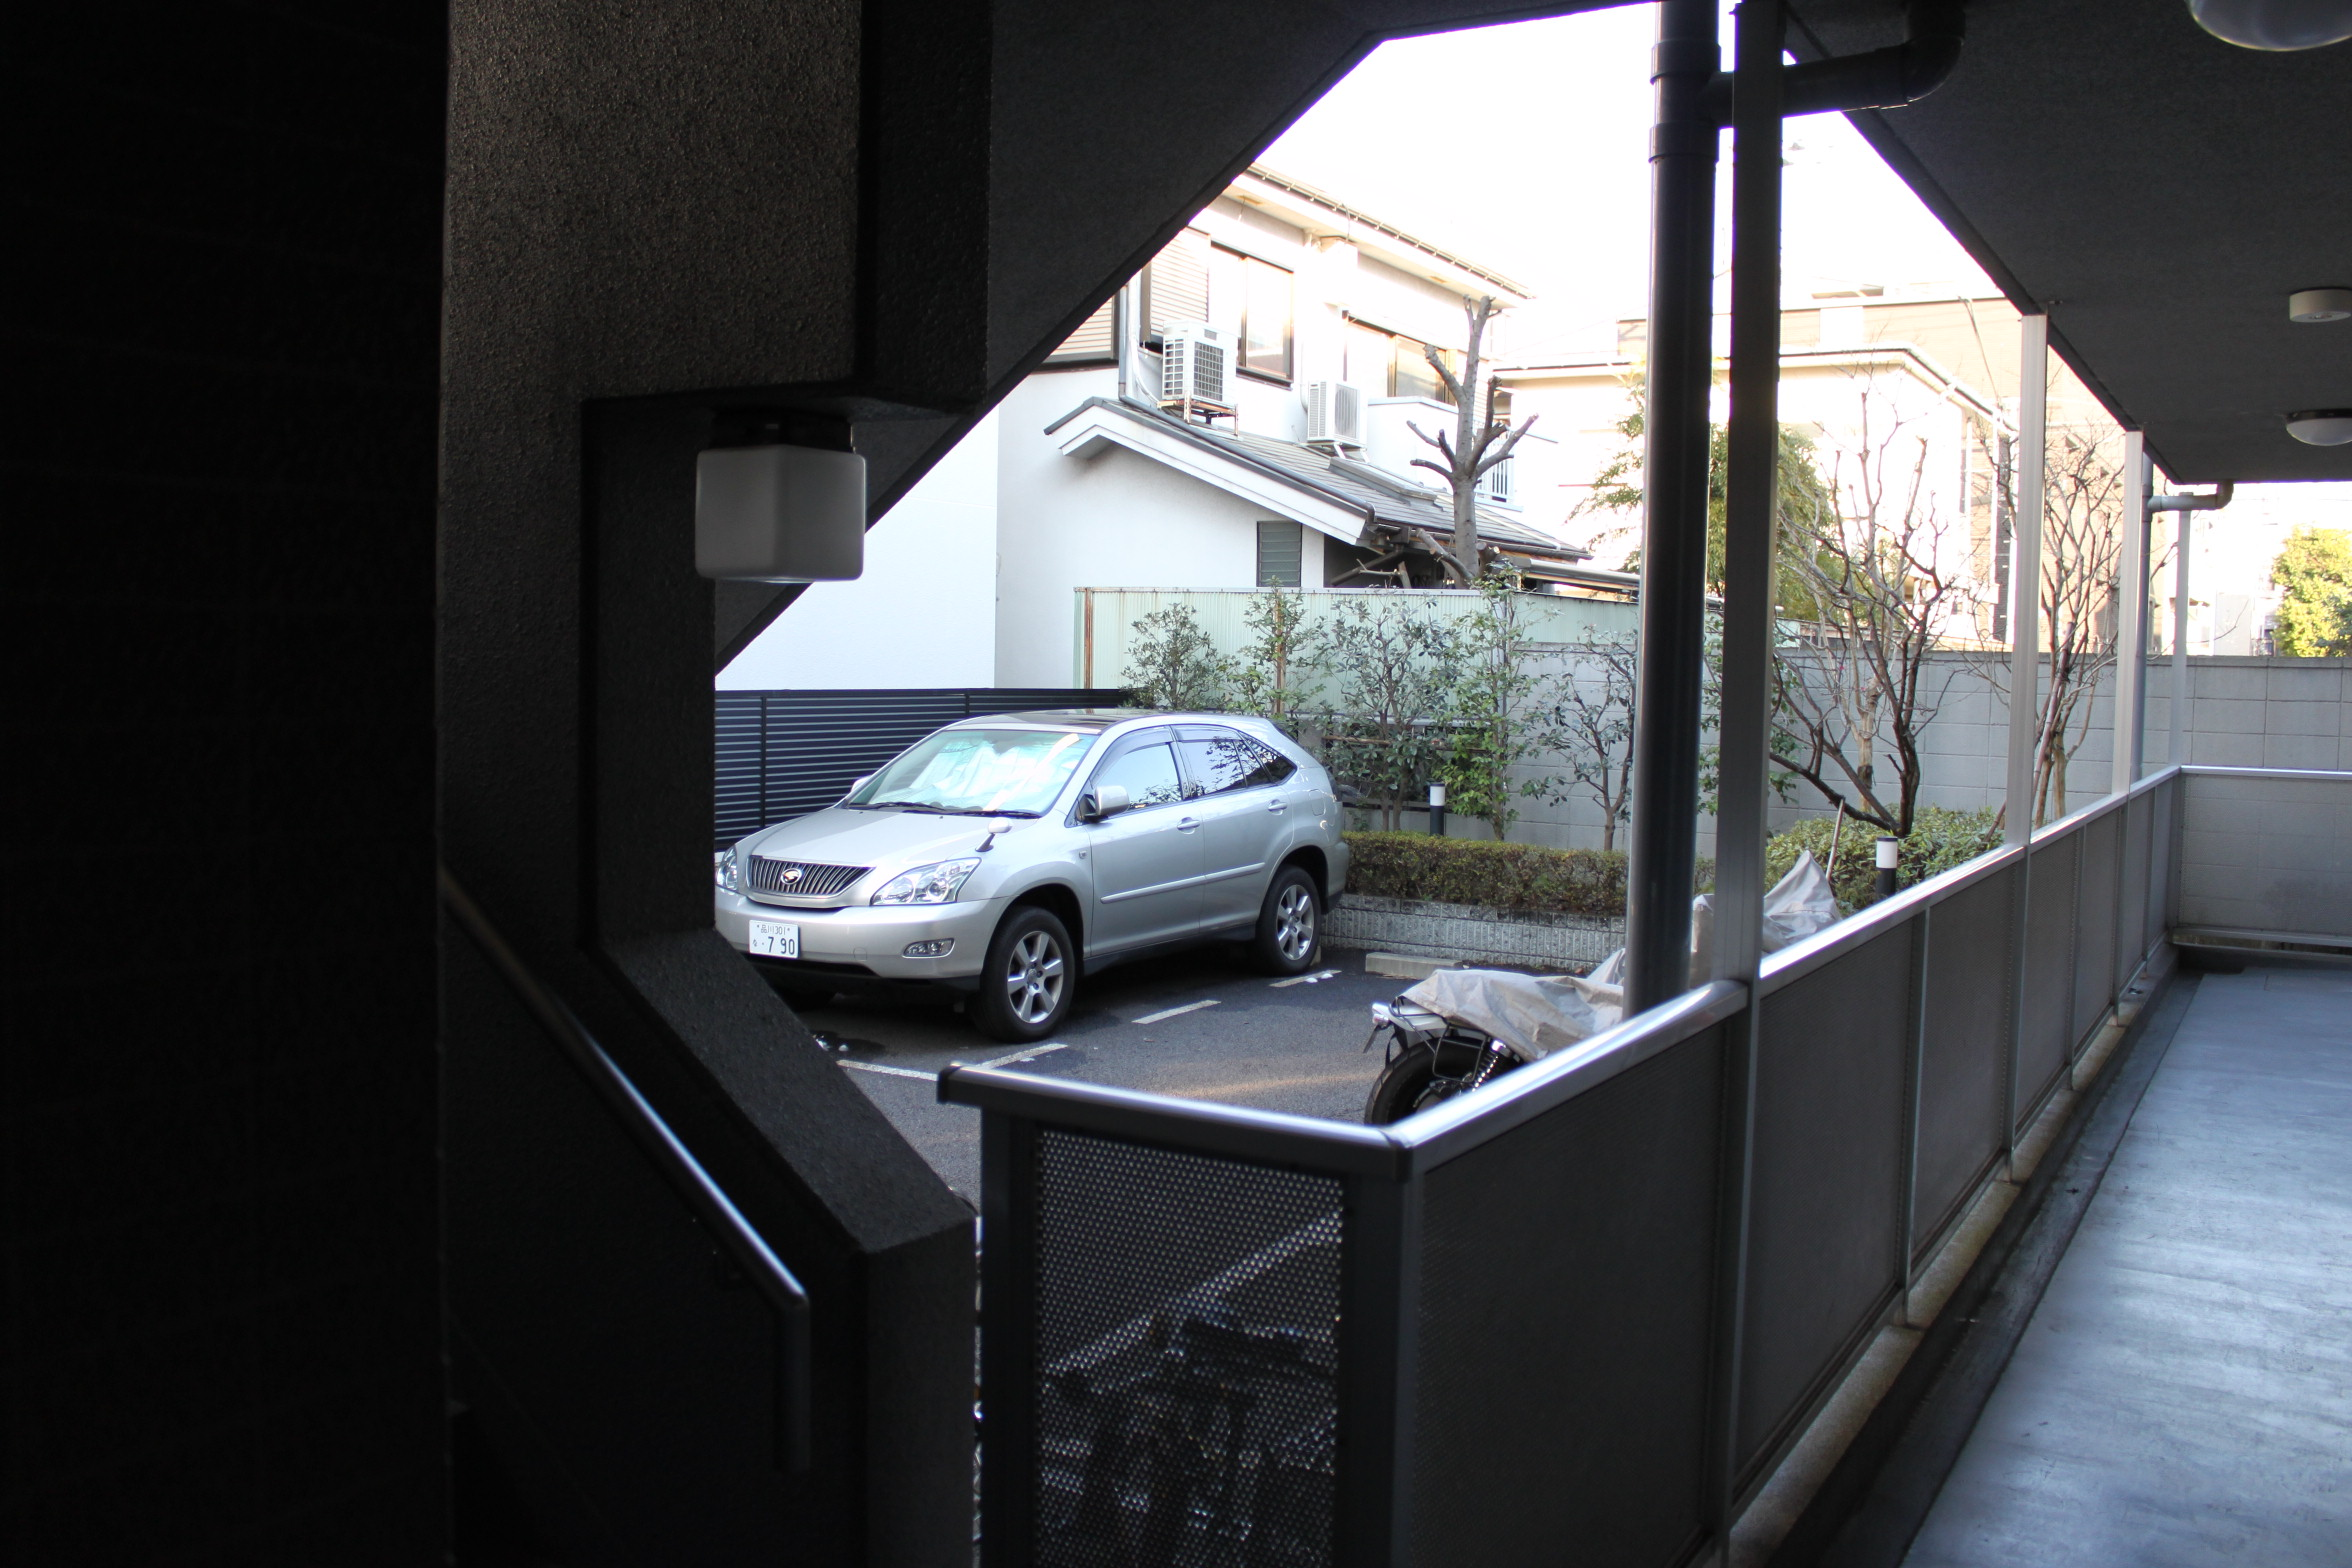 バイクOK、2人入居OK。しかも機能性バツグン「バウハウス秋城」105号室